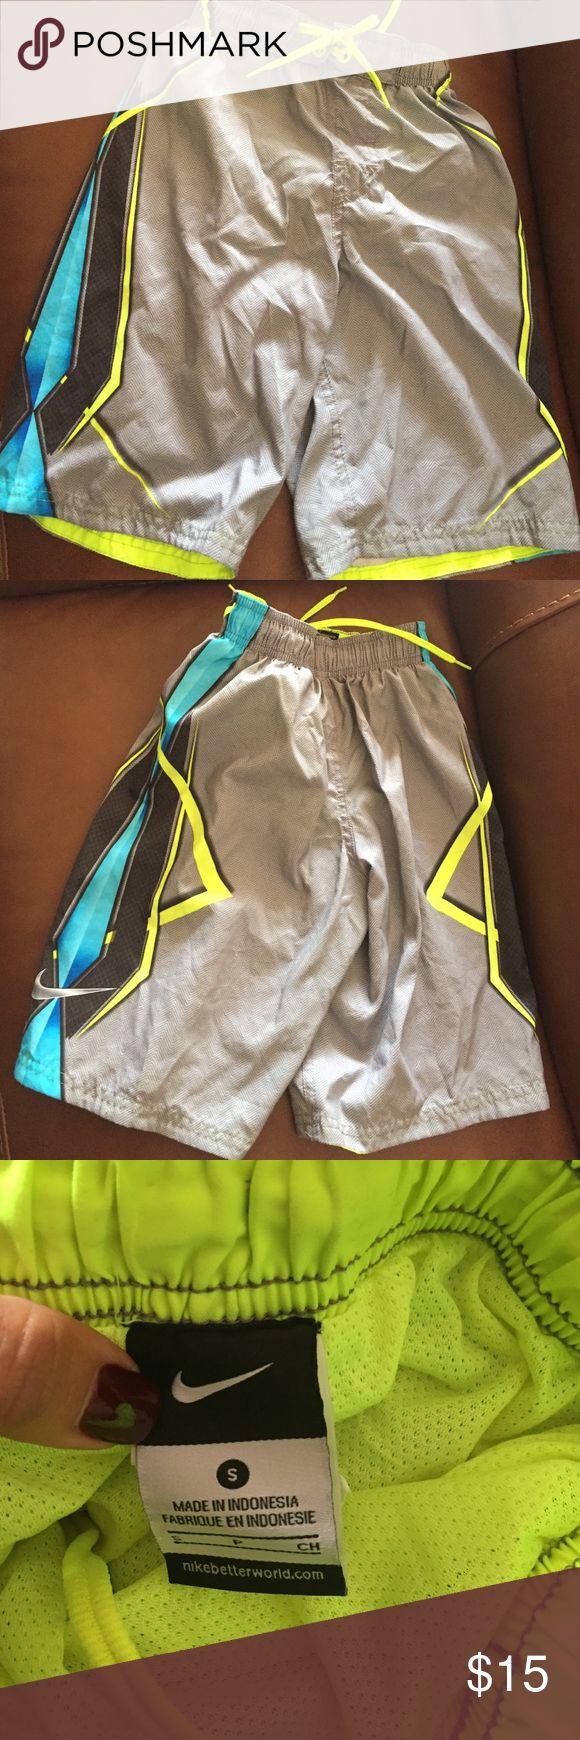 Nike boys bathing suit shorts size small Nike bathing suit shorts for boys. Size small in excellent condition Nike Swim Swim Trunks